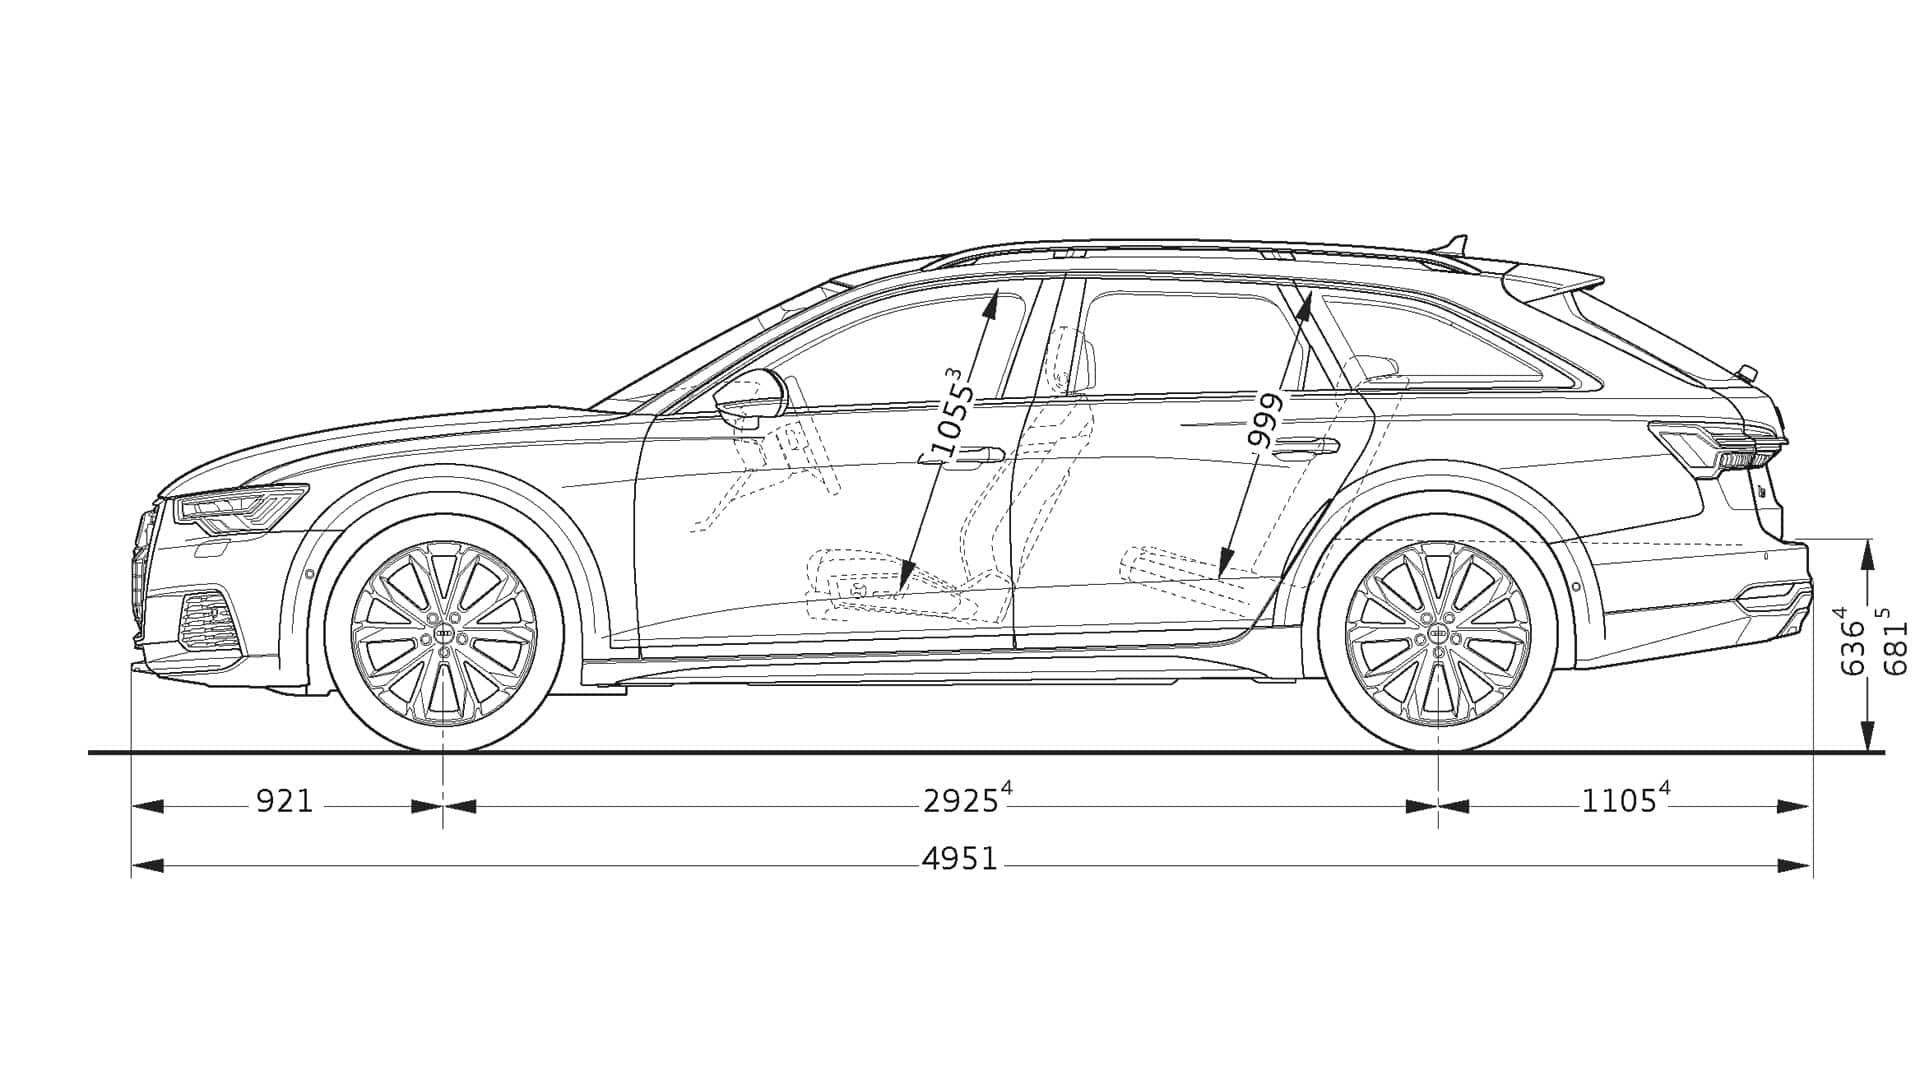 Abmessungen > A6 allroad quattro > A6 > Audi Deutschland